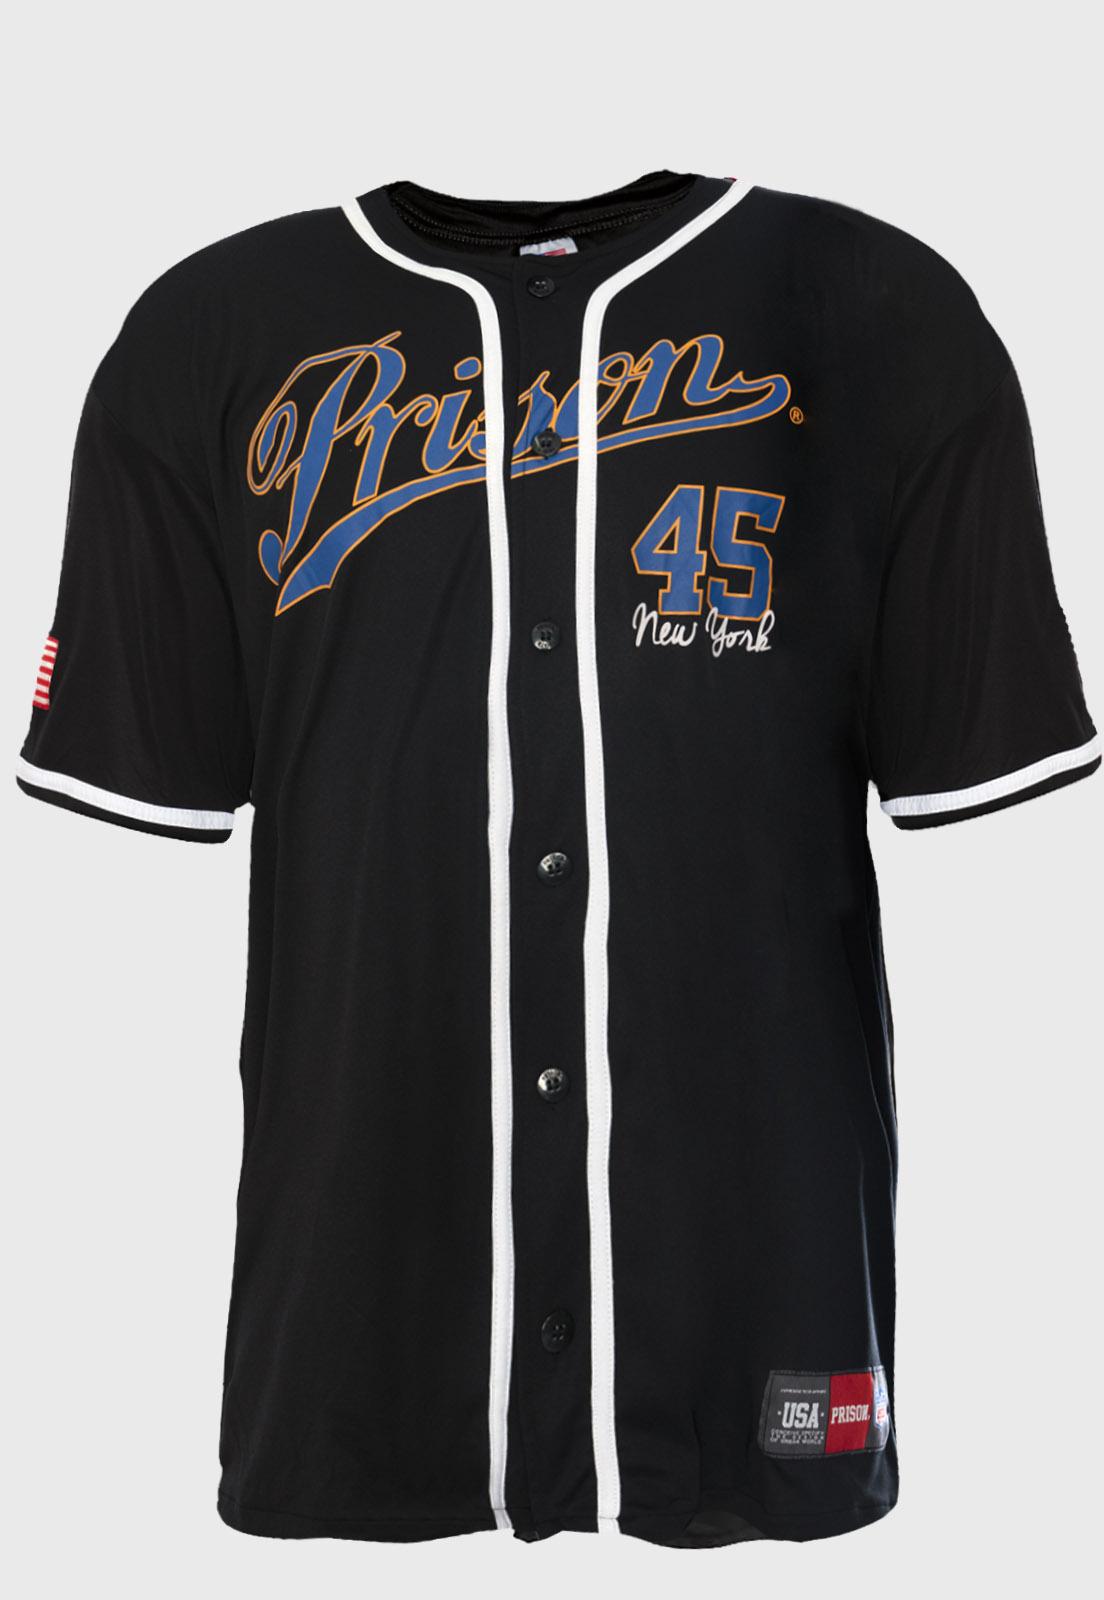 Camiseta Baseball Prison New York 45